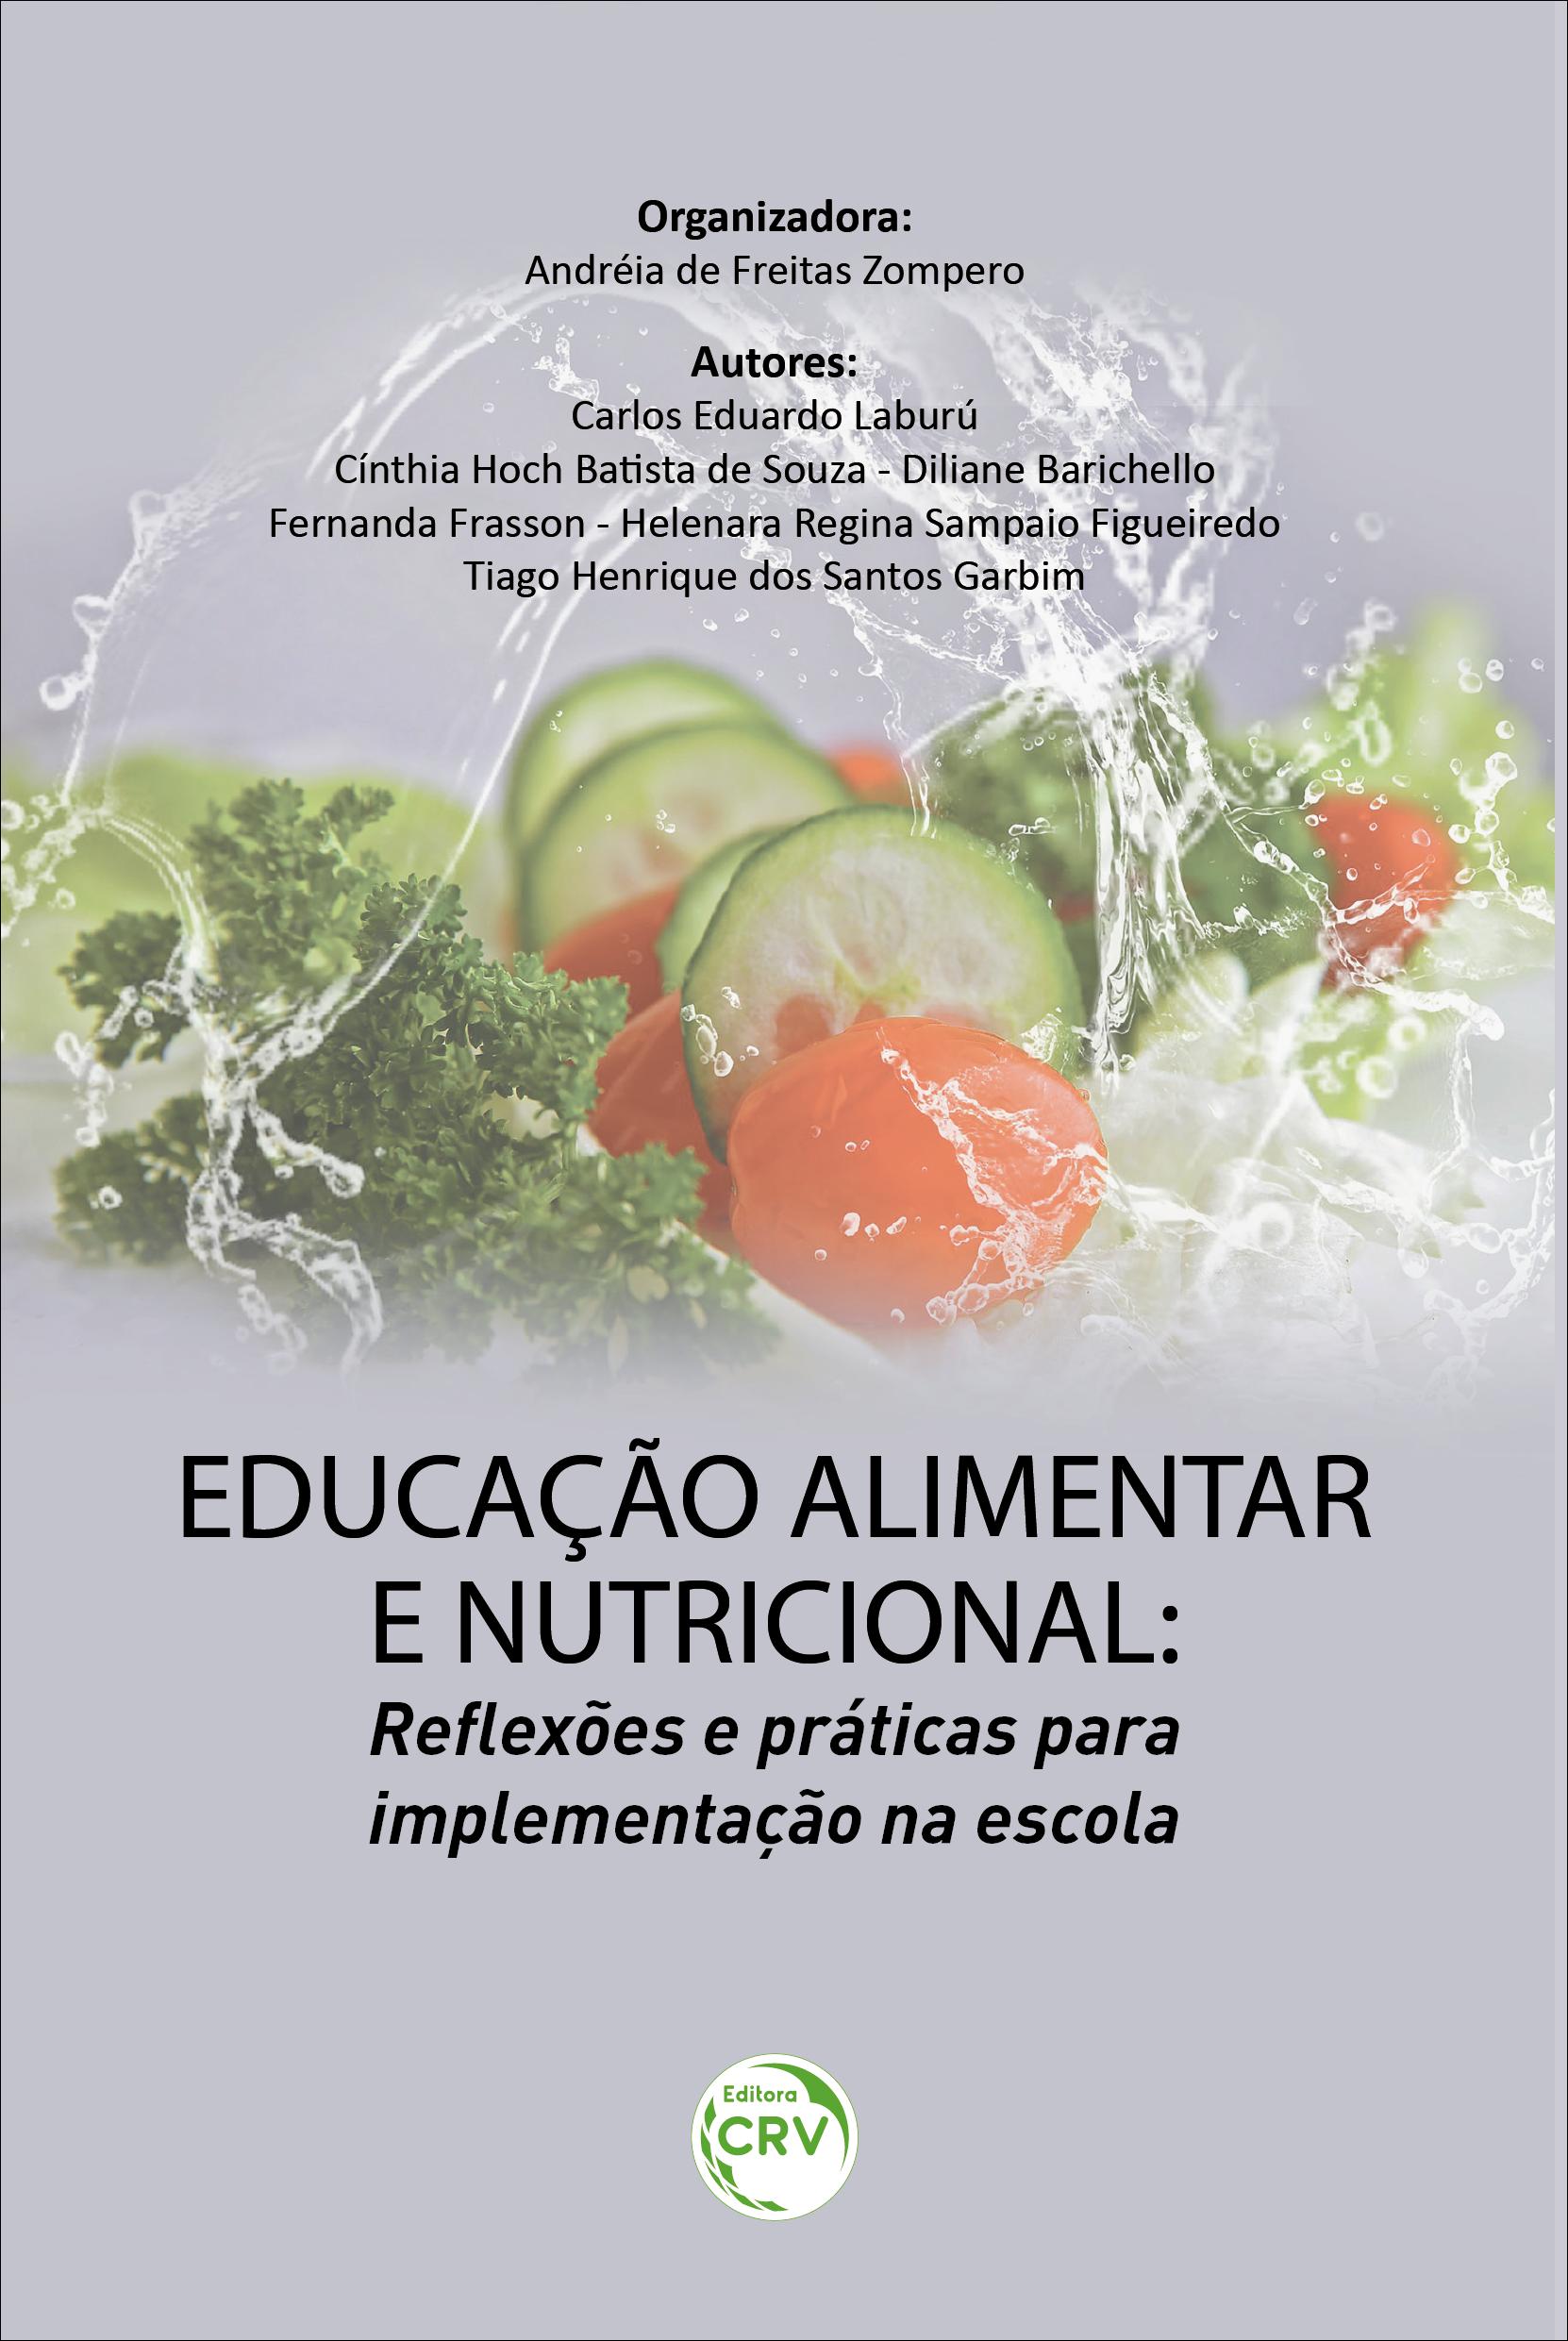 Capa do livro: EDUCAÇÃO ALIMENTAR E NUTRICIONAL: <br>reflexões e práticas para implementação na escola